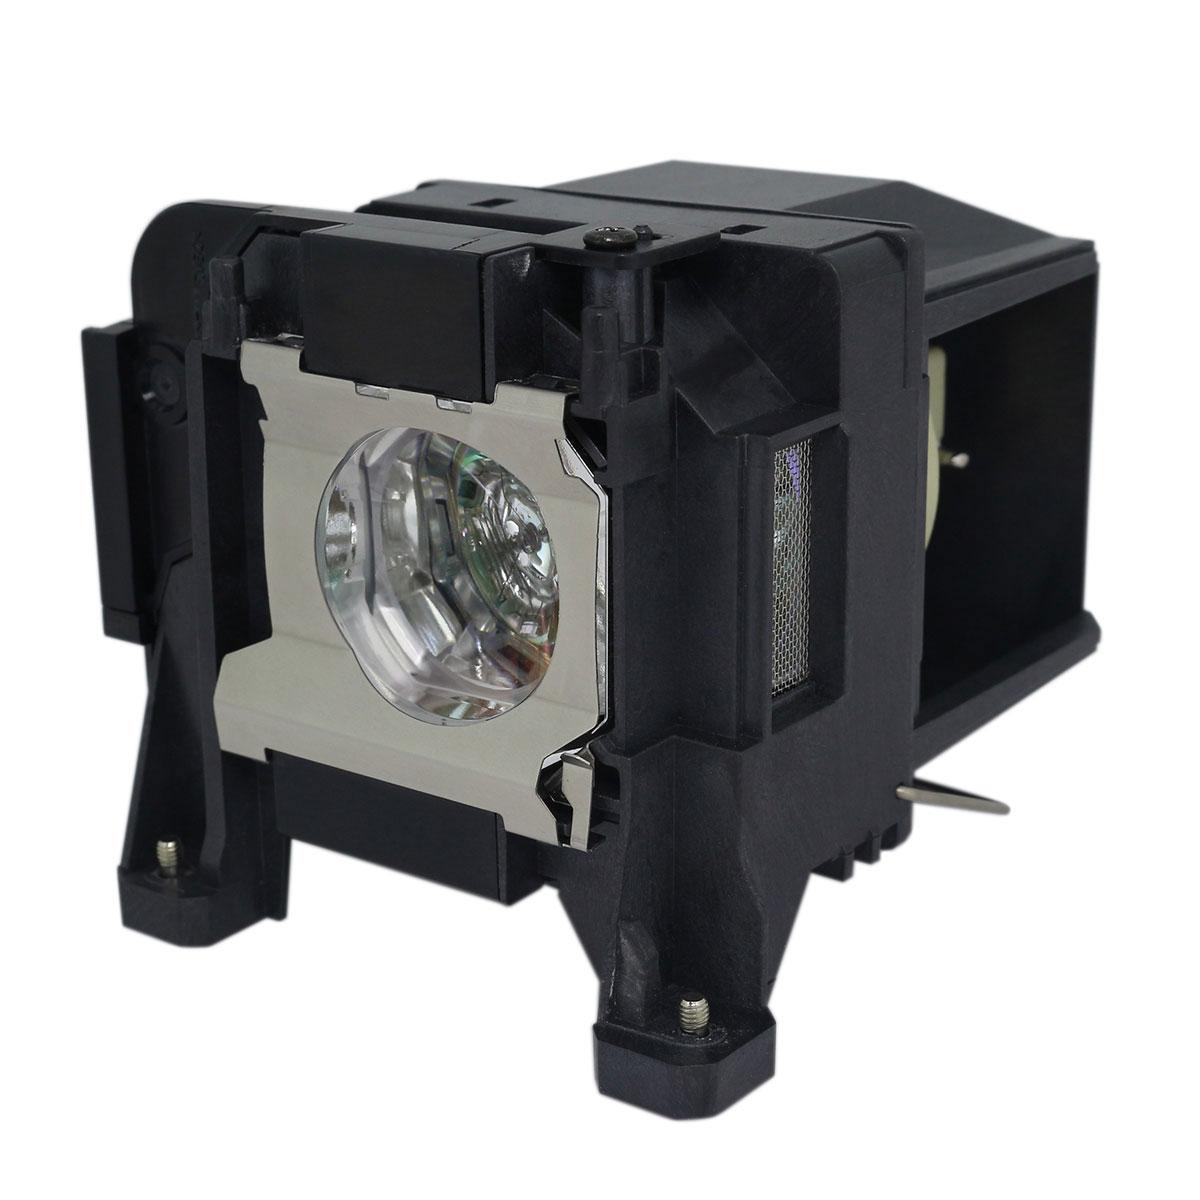 Lampe de rechange Philips originale avec bo�tier pour Projecteur Epson Pro Cinema 4050 - image 5 de 5